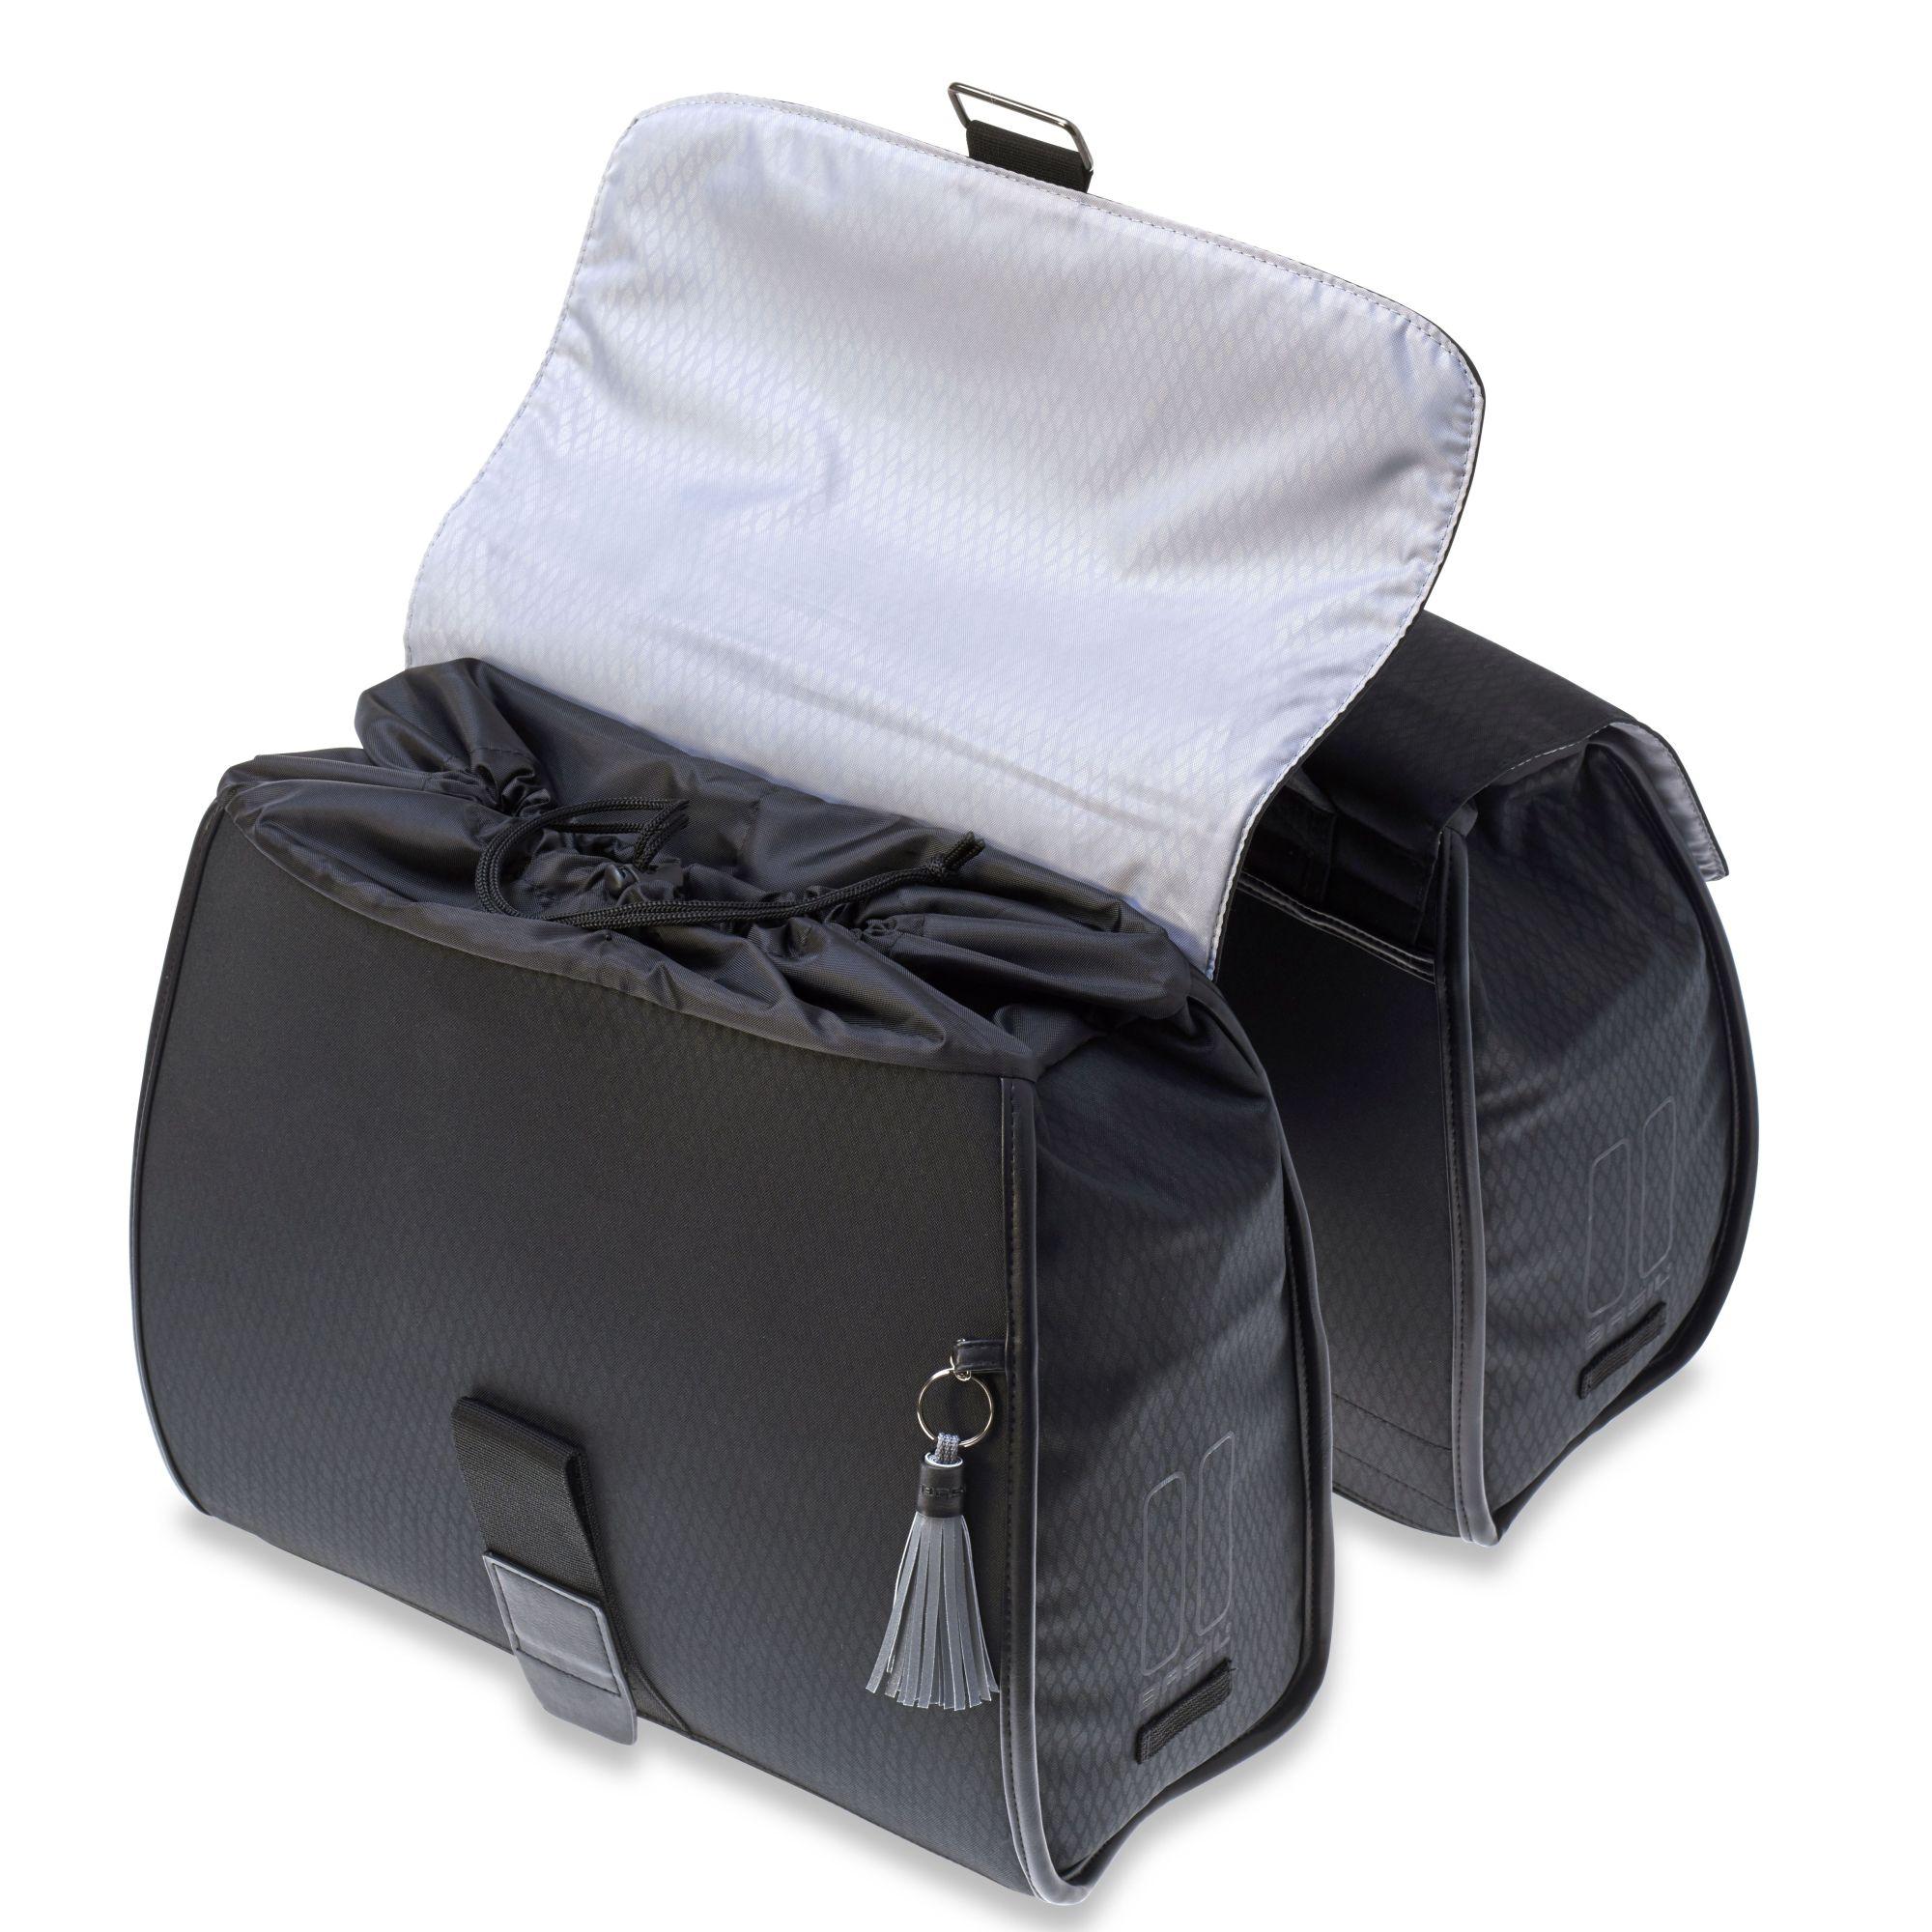 Basil Noir Business Bag Gepäckträgertasche, schwarz